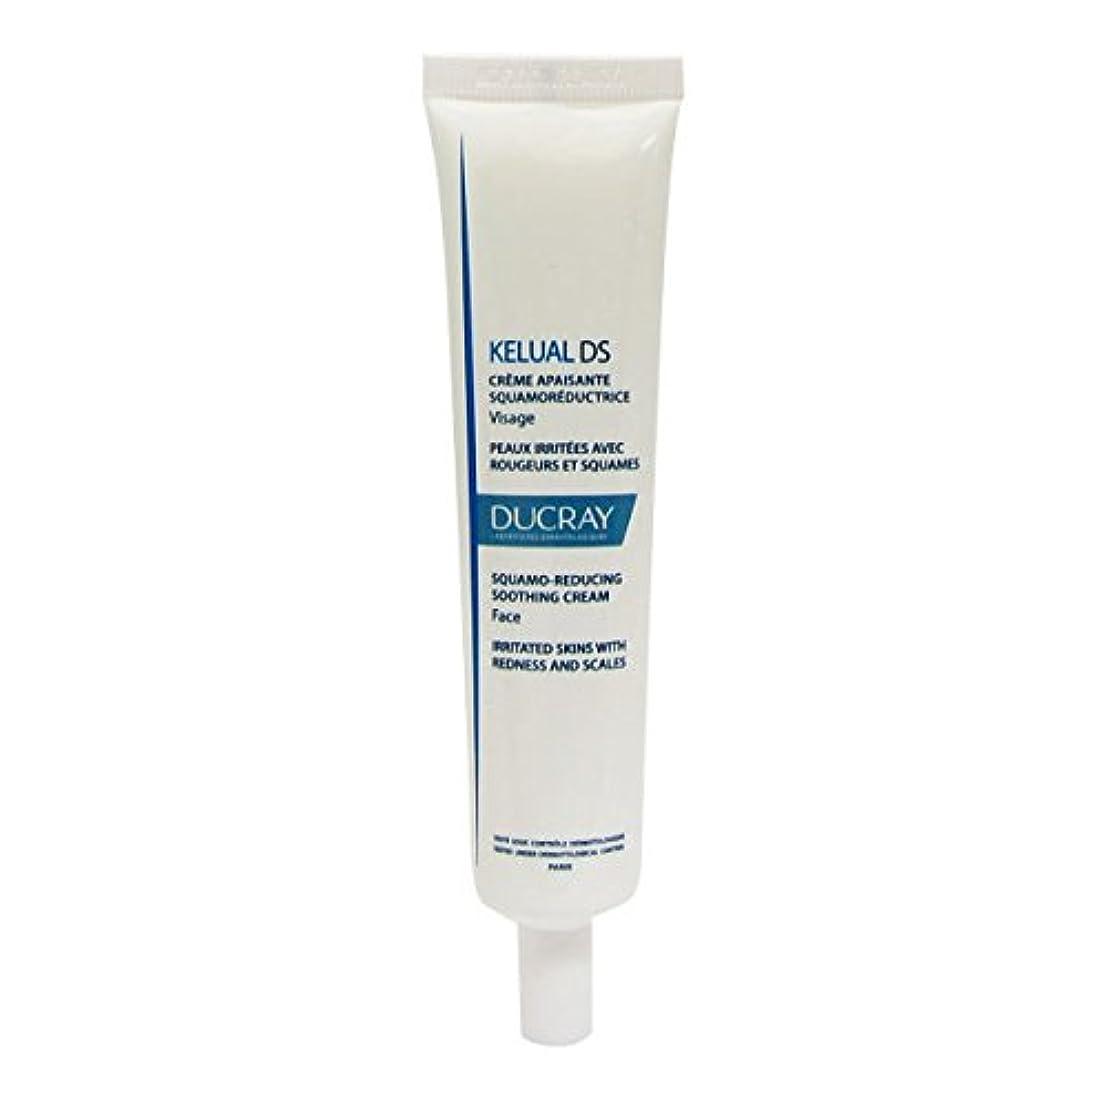 ランプ環境に優しい床を掃除するDucray Kelual Ds Cream 40ml [並行輸入品]